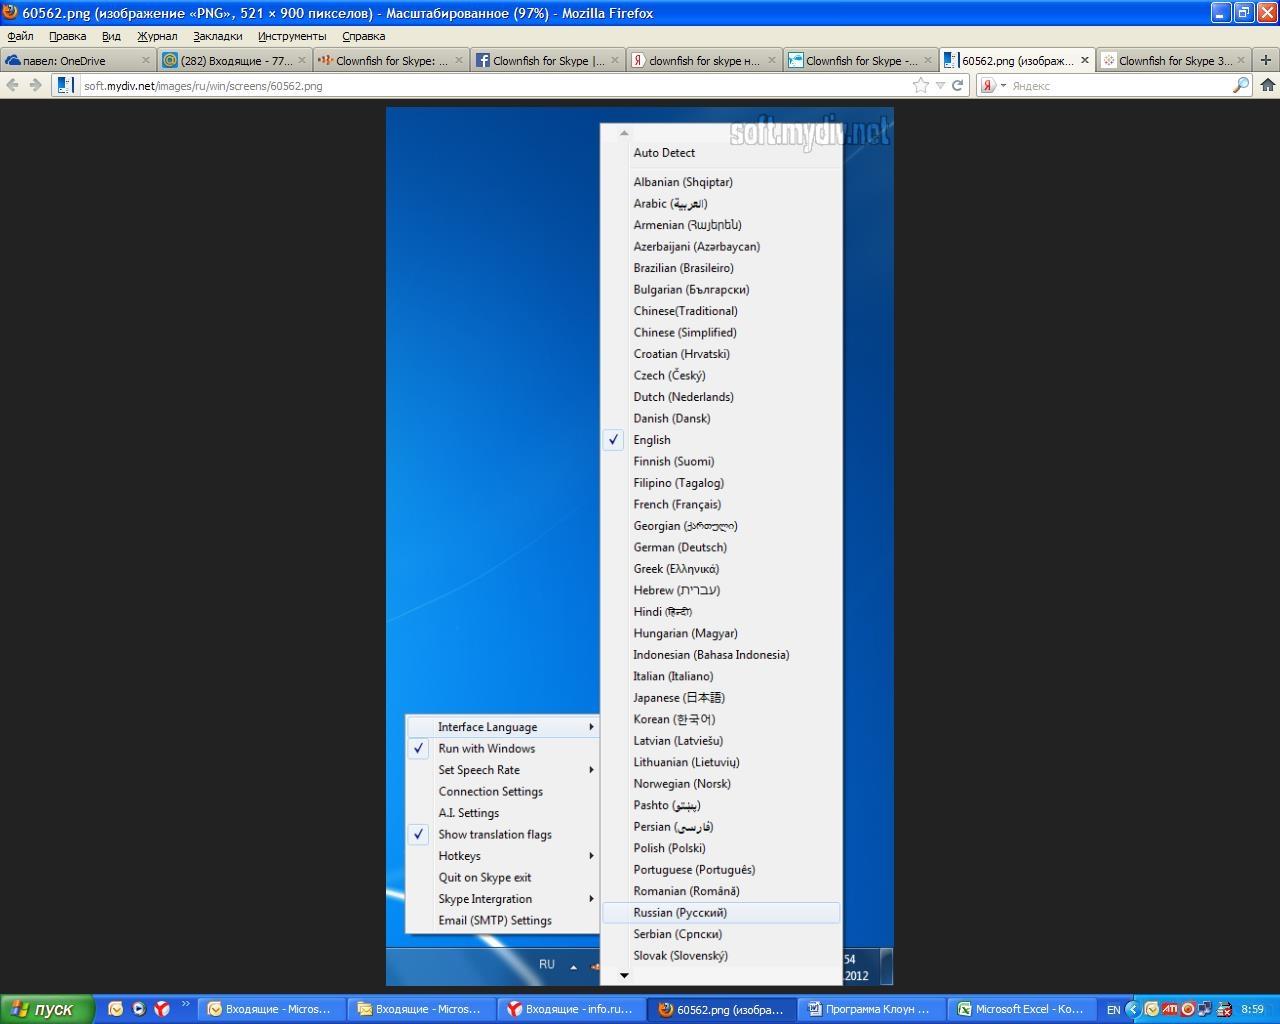 Программа клоун фиш для скайпа: как пользоваться